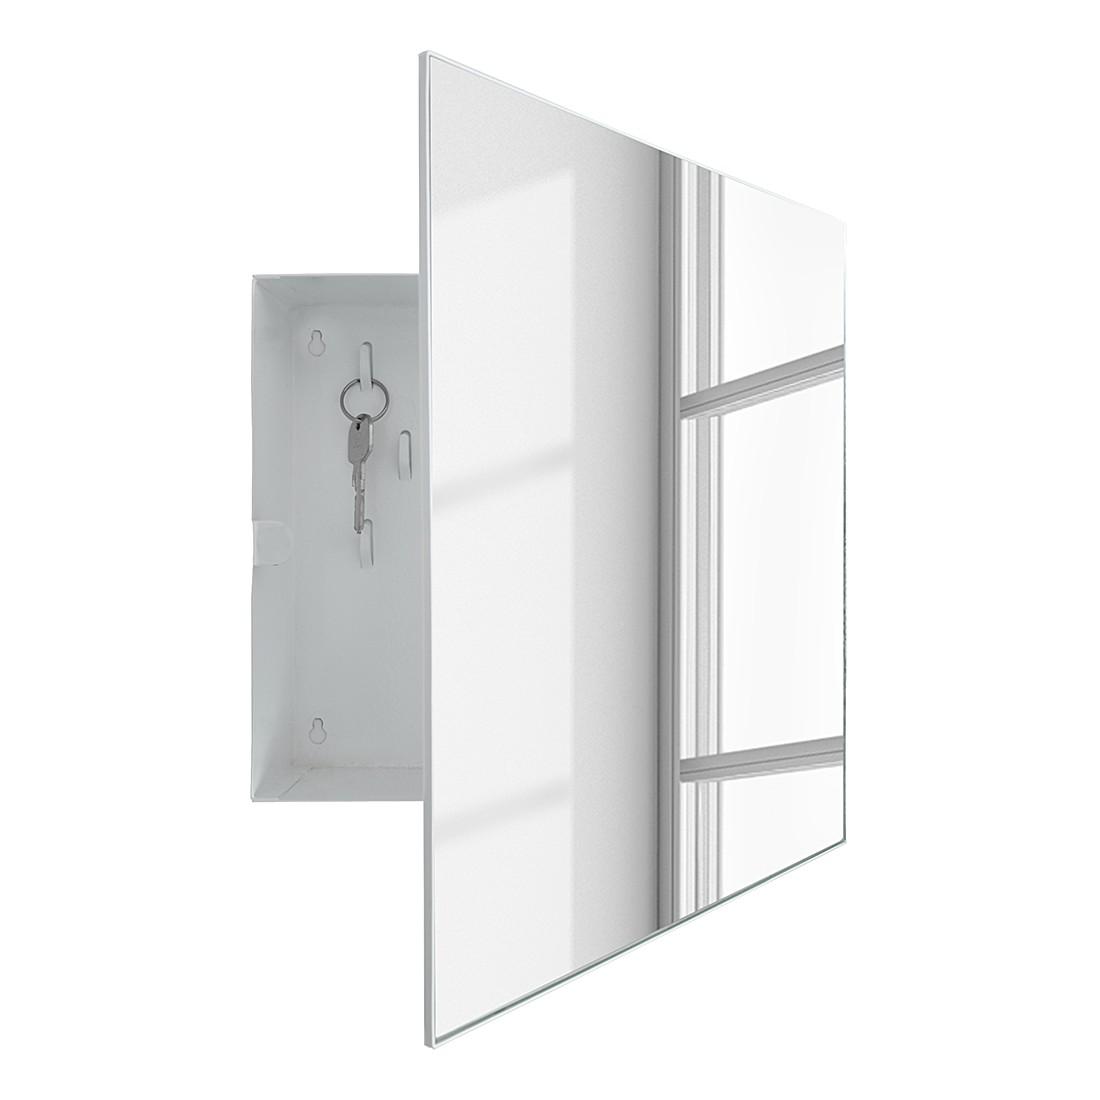 Schluesselkasten Mirror-Box